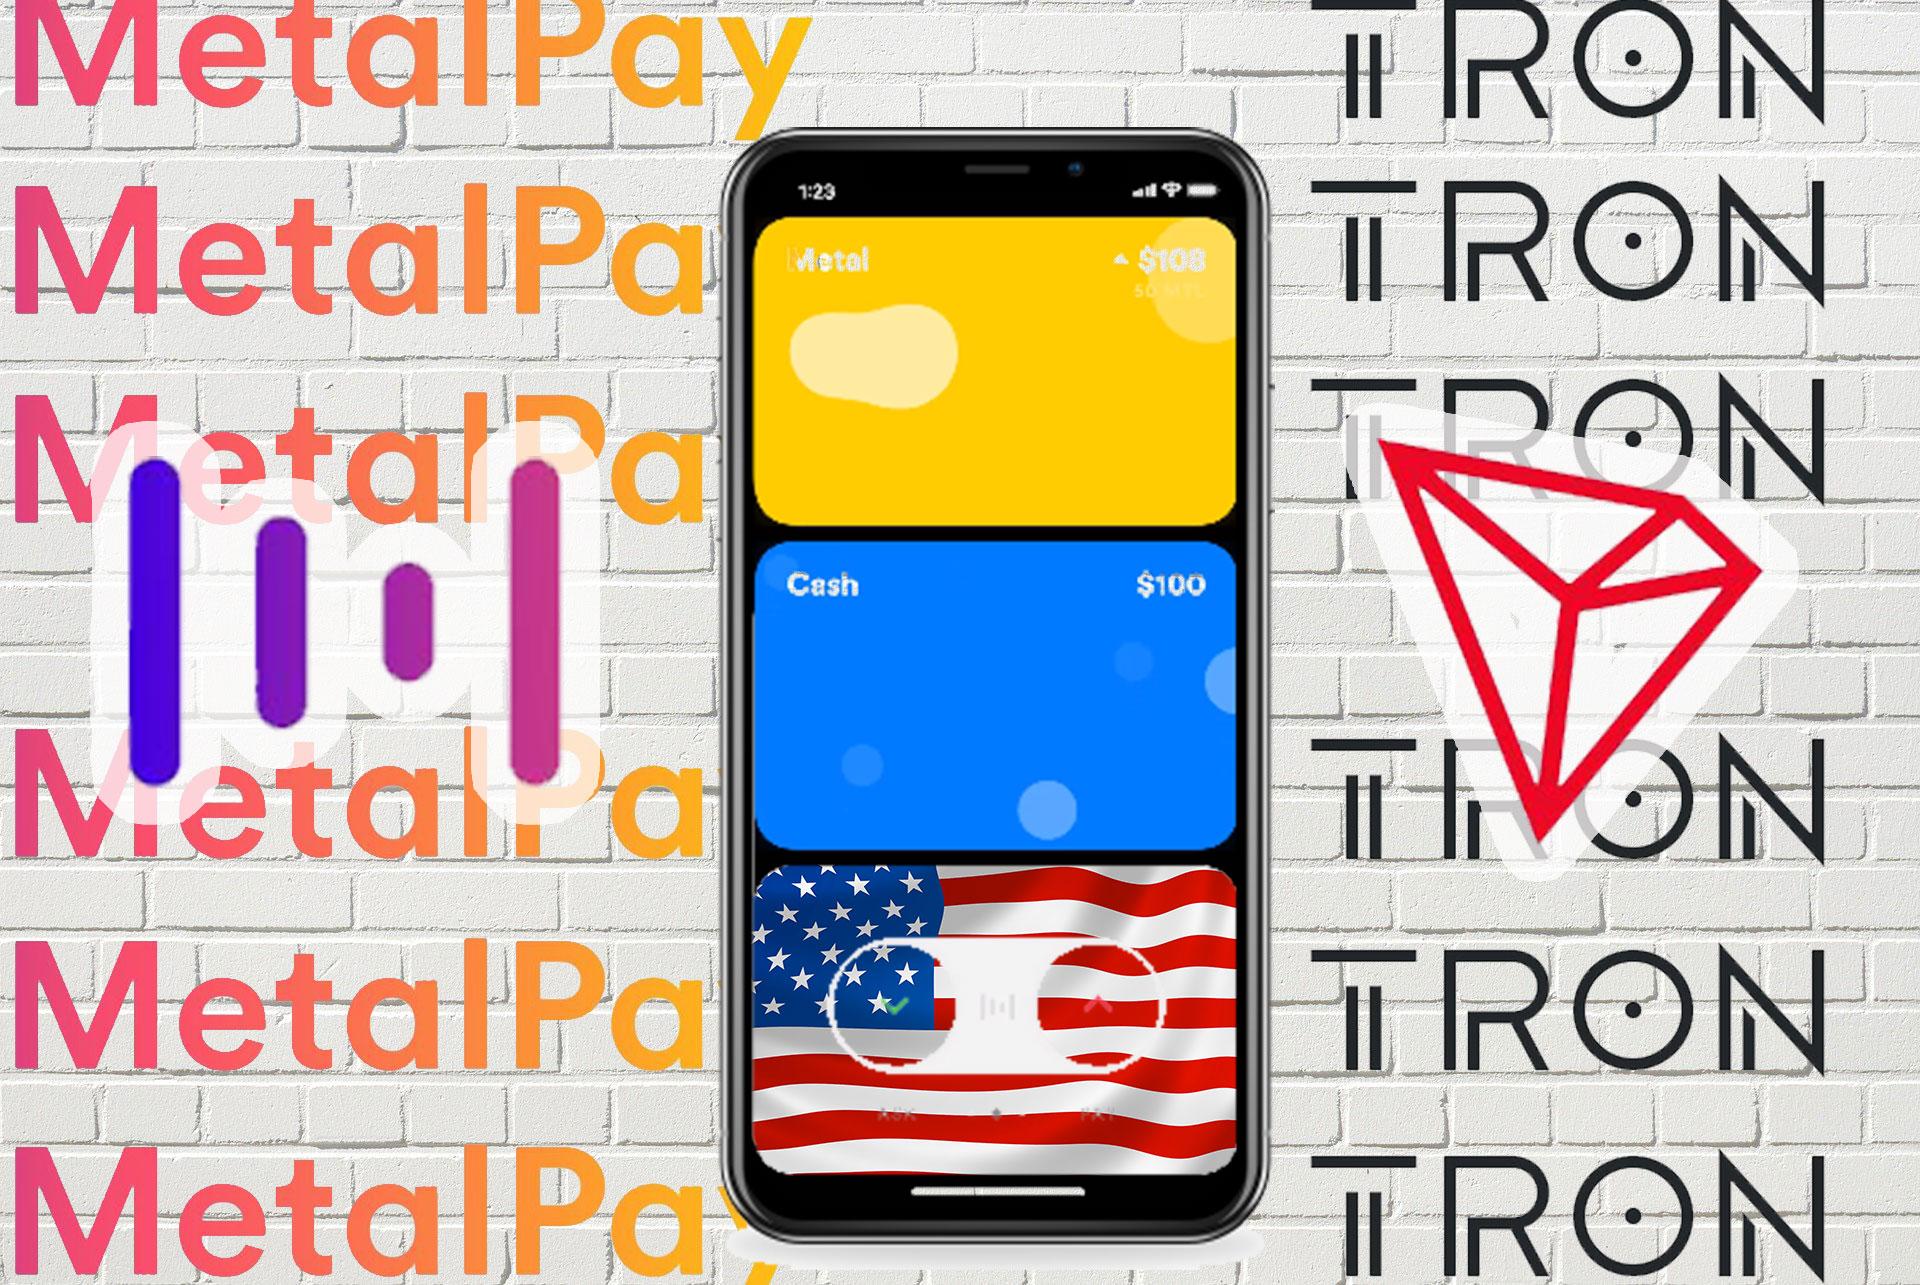 TRONがMetal Payと提携して米国市場に参入・拡大へ!